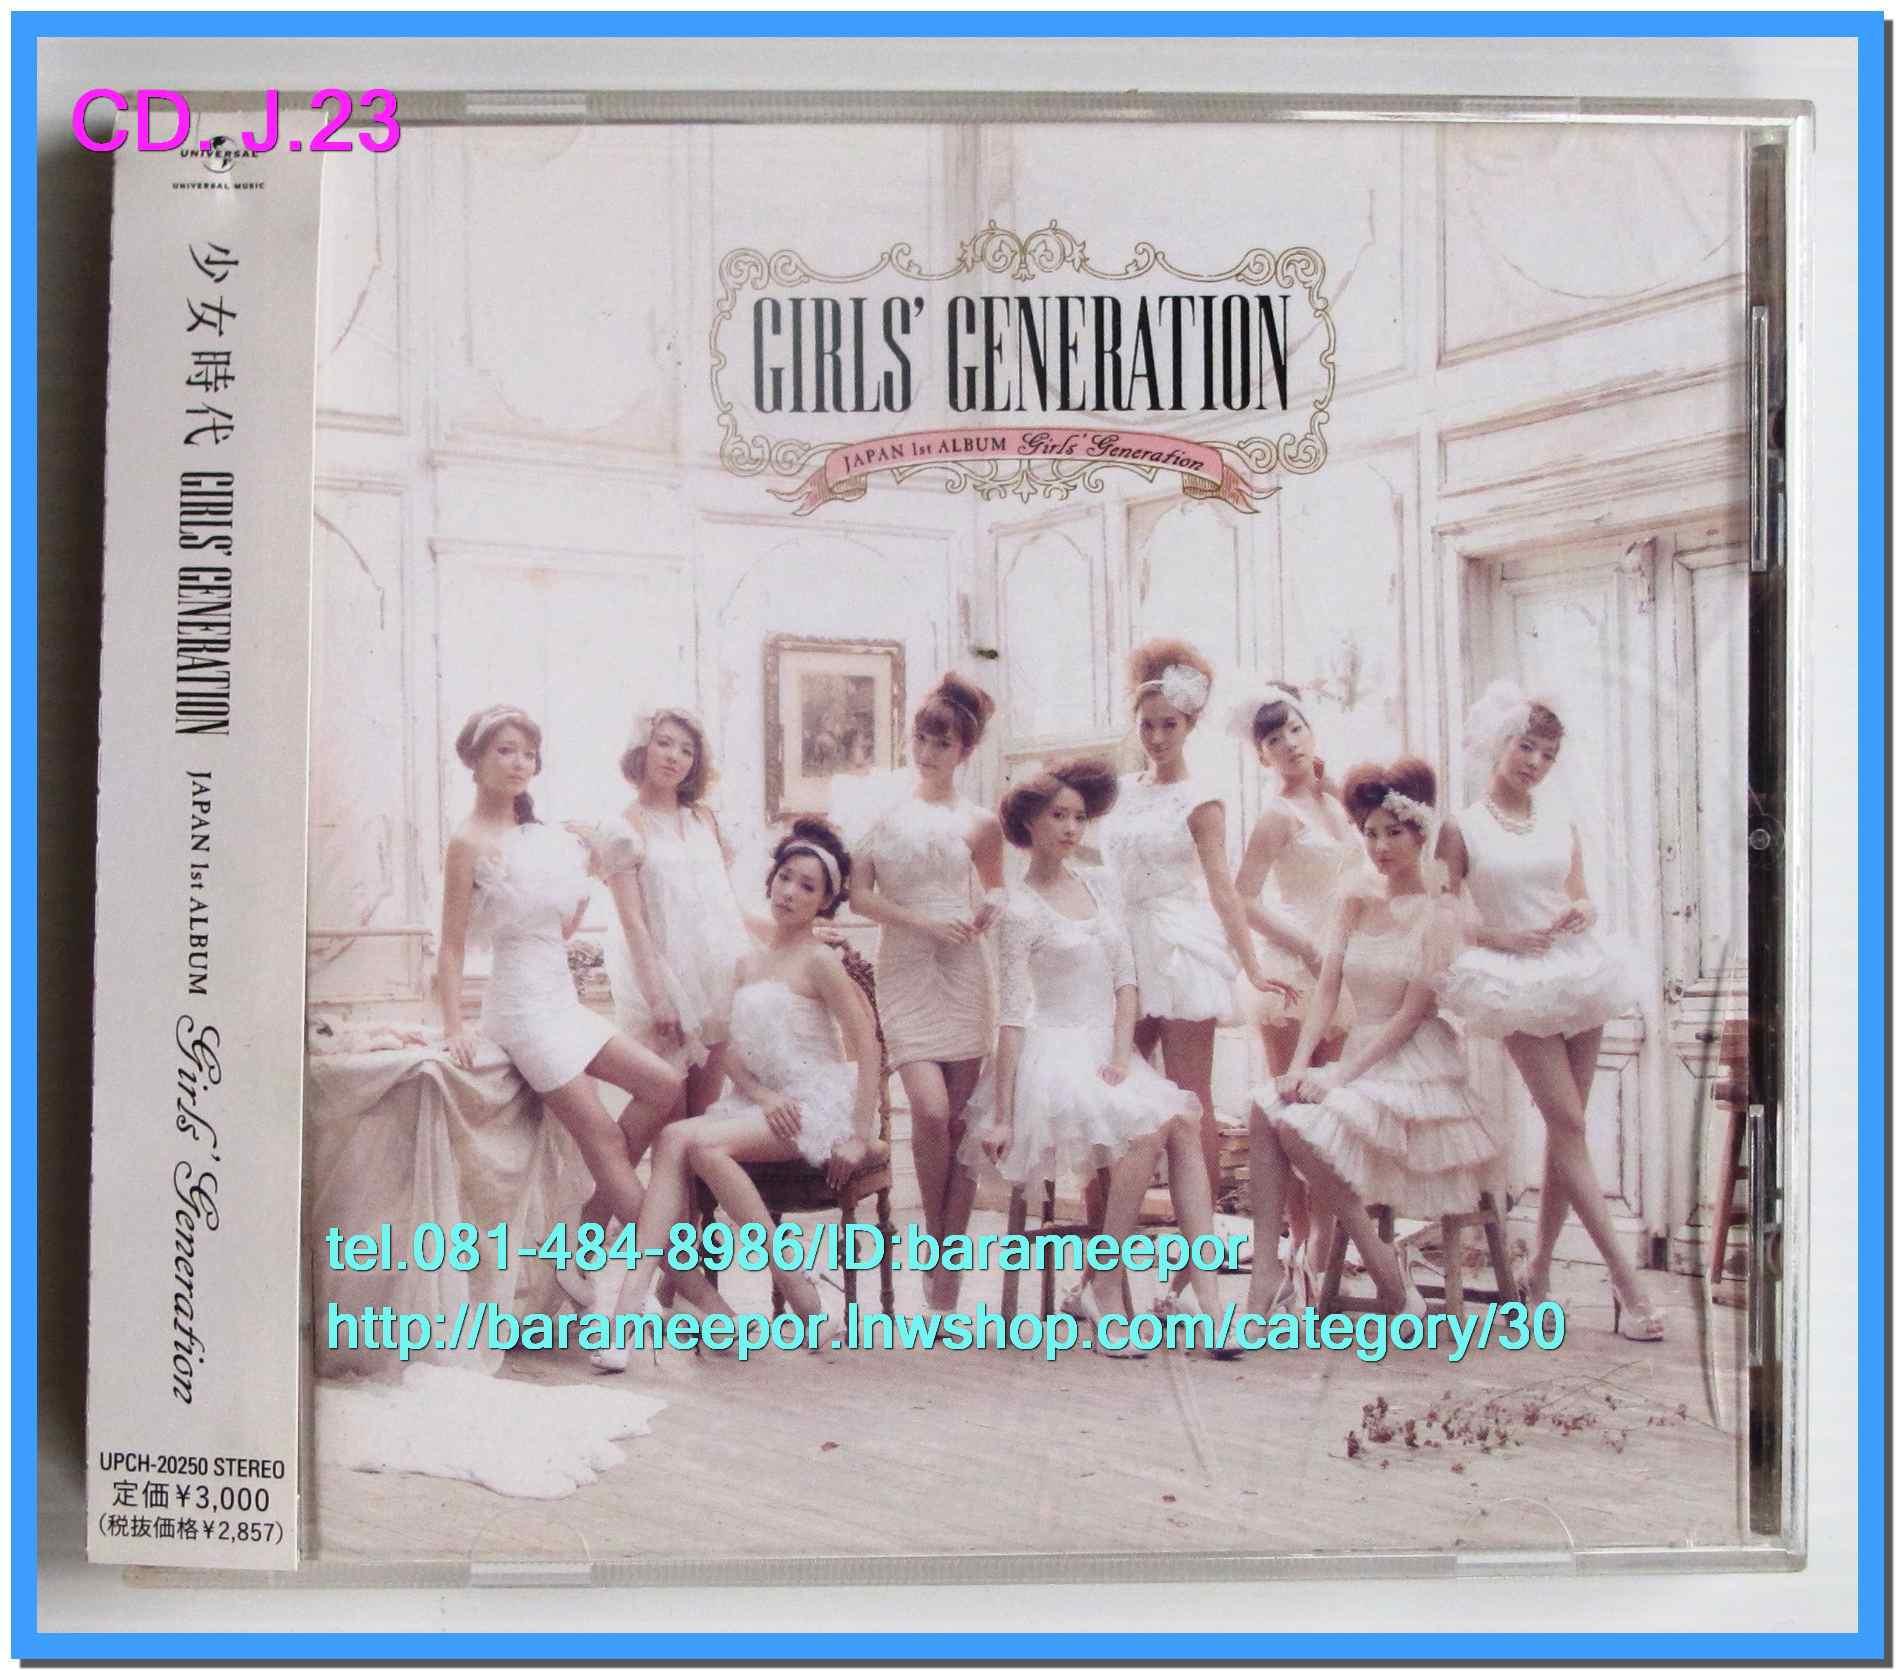 ซีดี.เพลงญี่ปุ่น GIRLS GENERATION japan 1st ALBUM